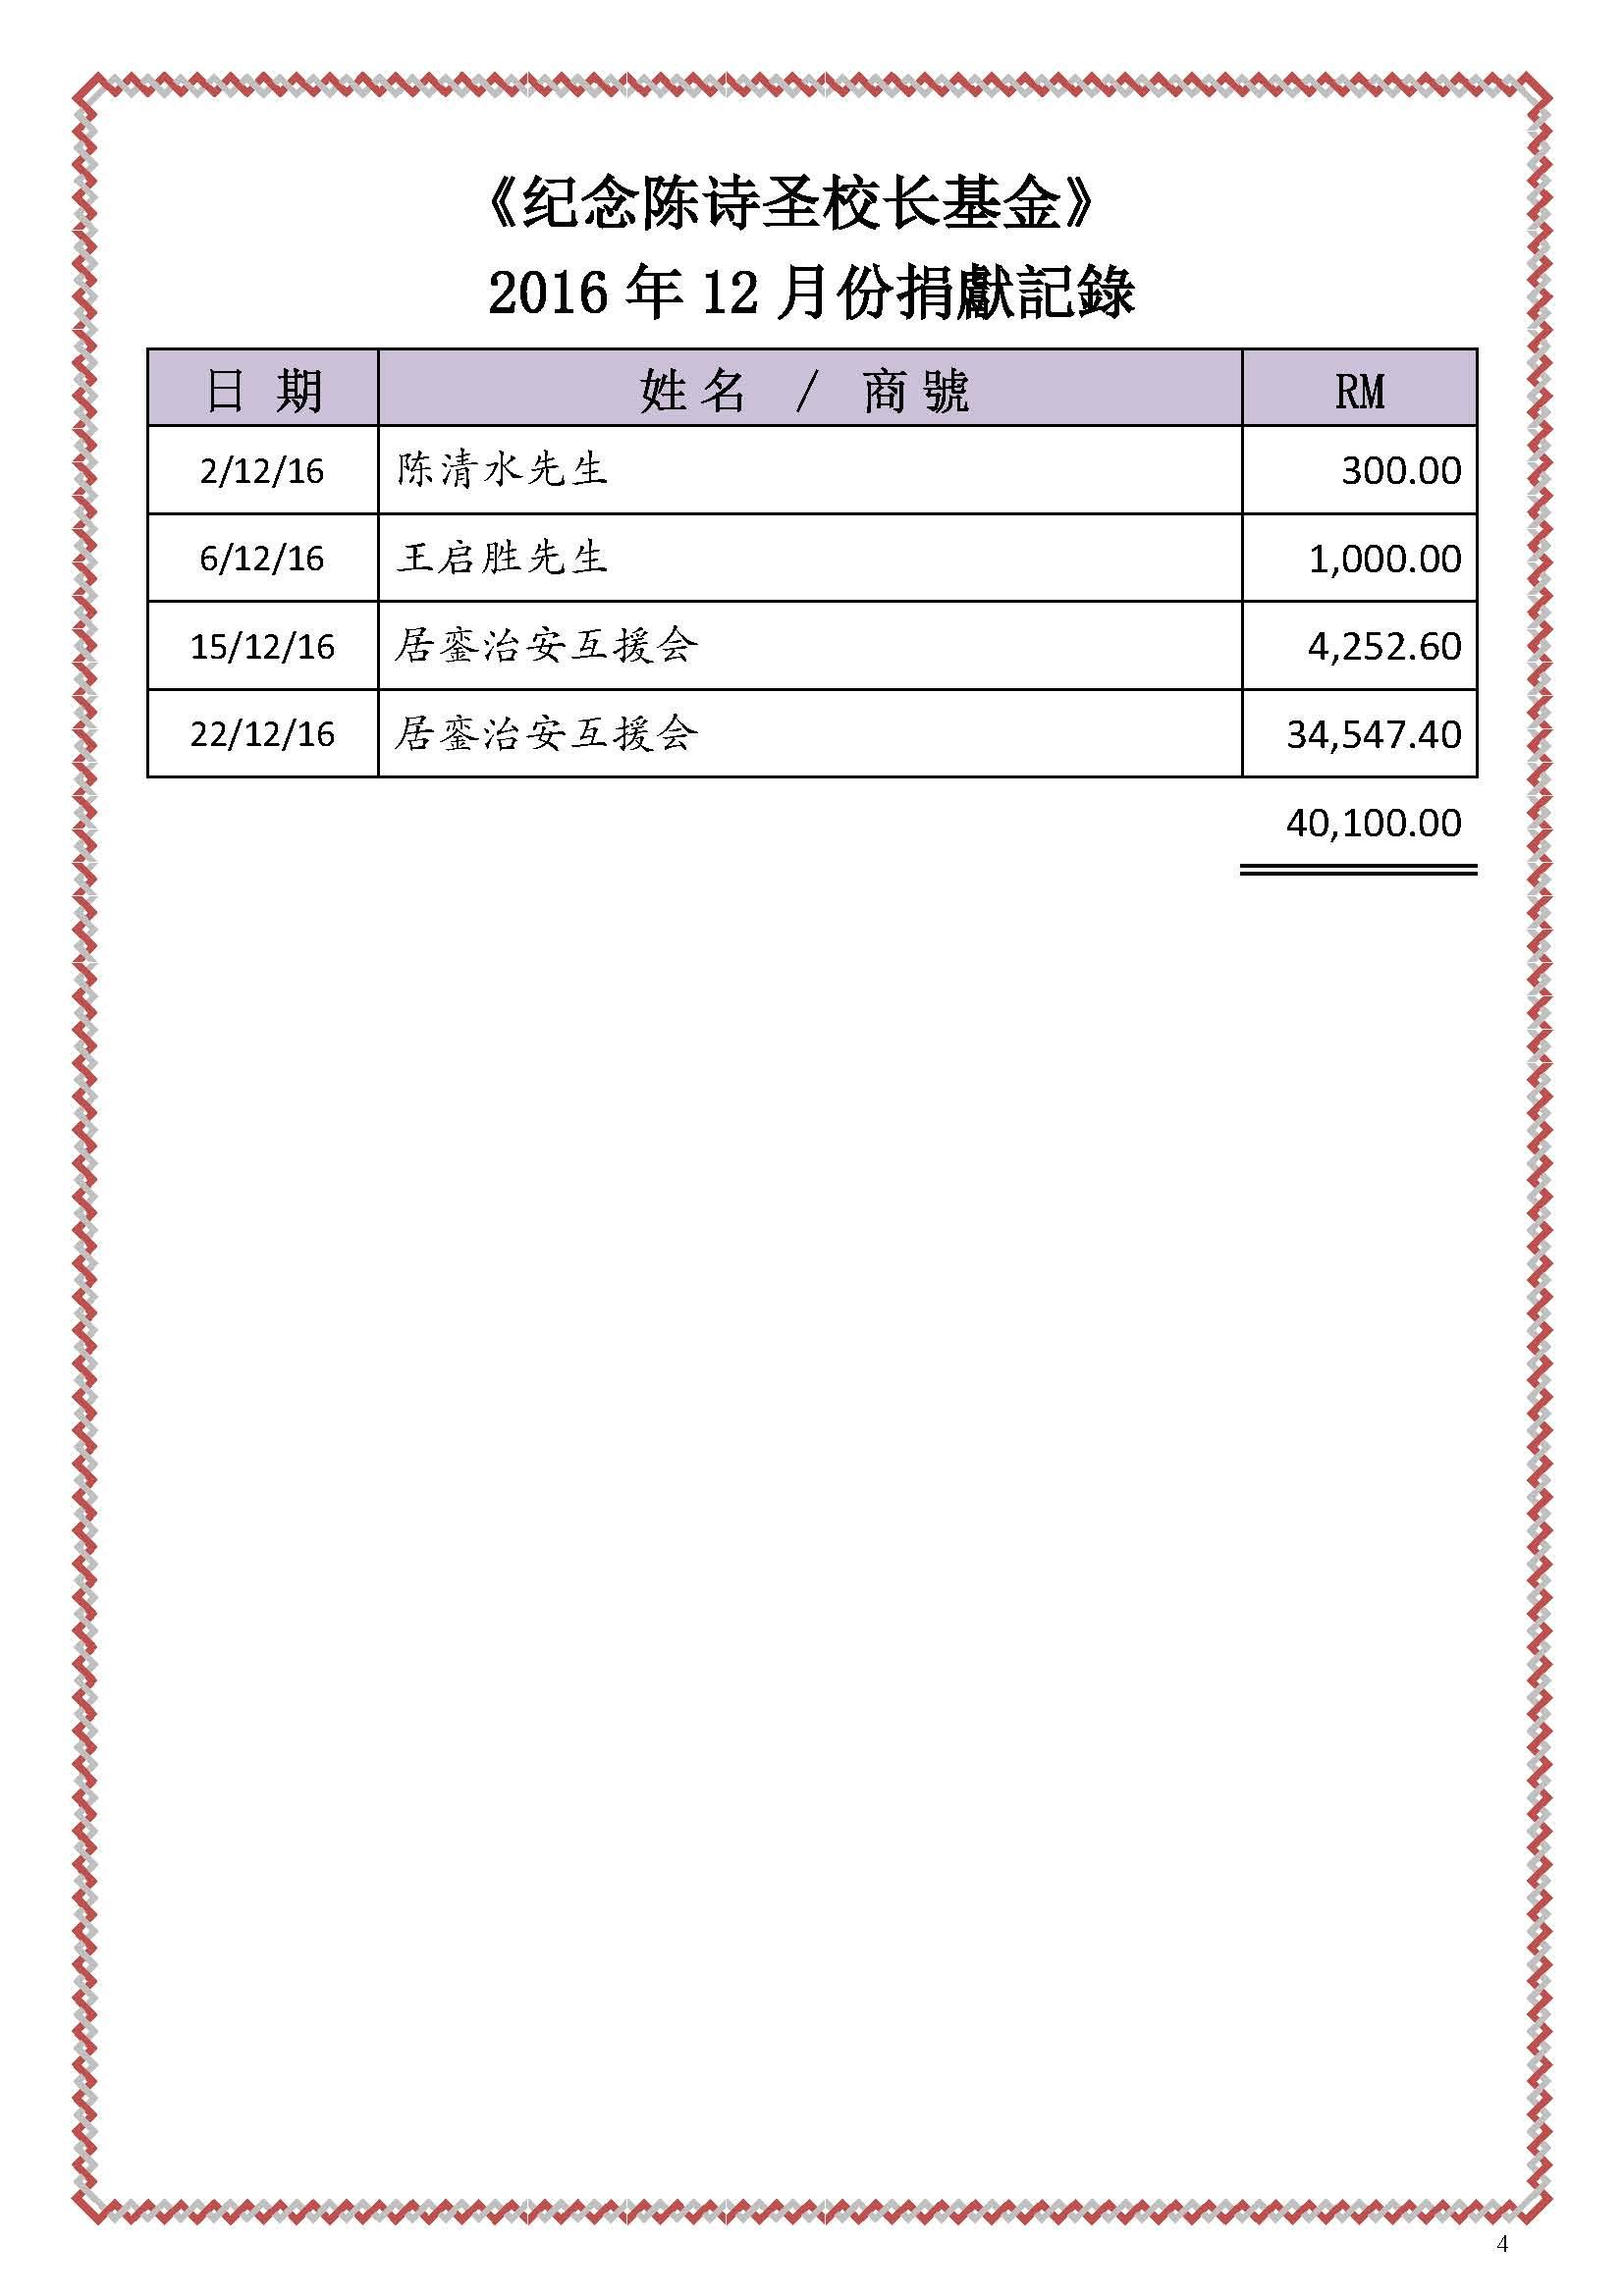 2016年12月份捐献名单